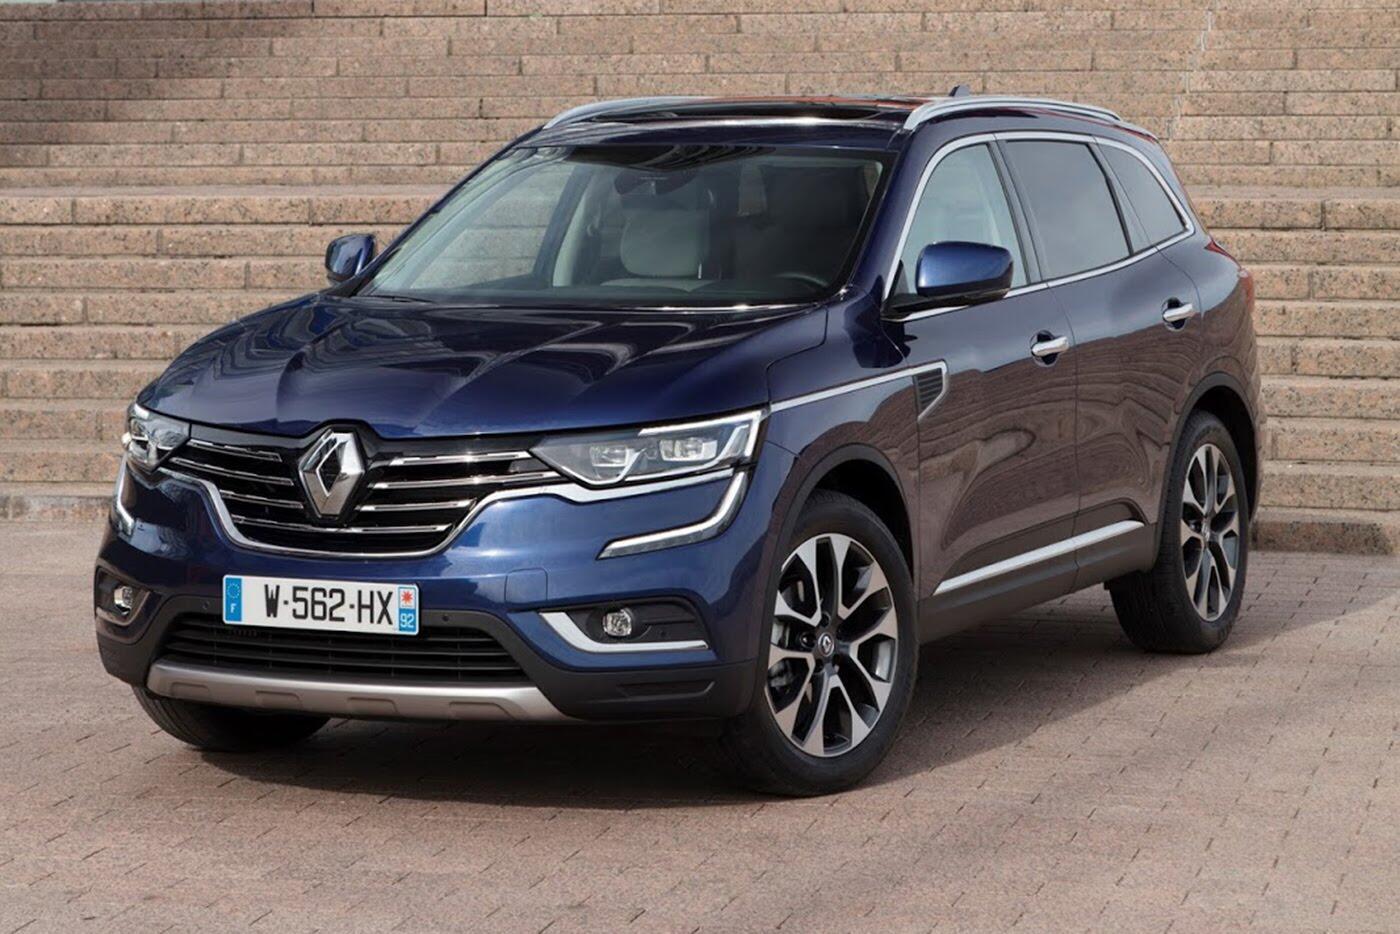 Xem thêm ảnh Renault Koleos 2017 - Hình 8